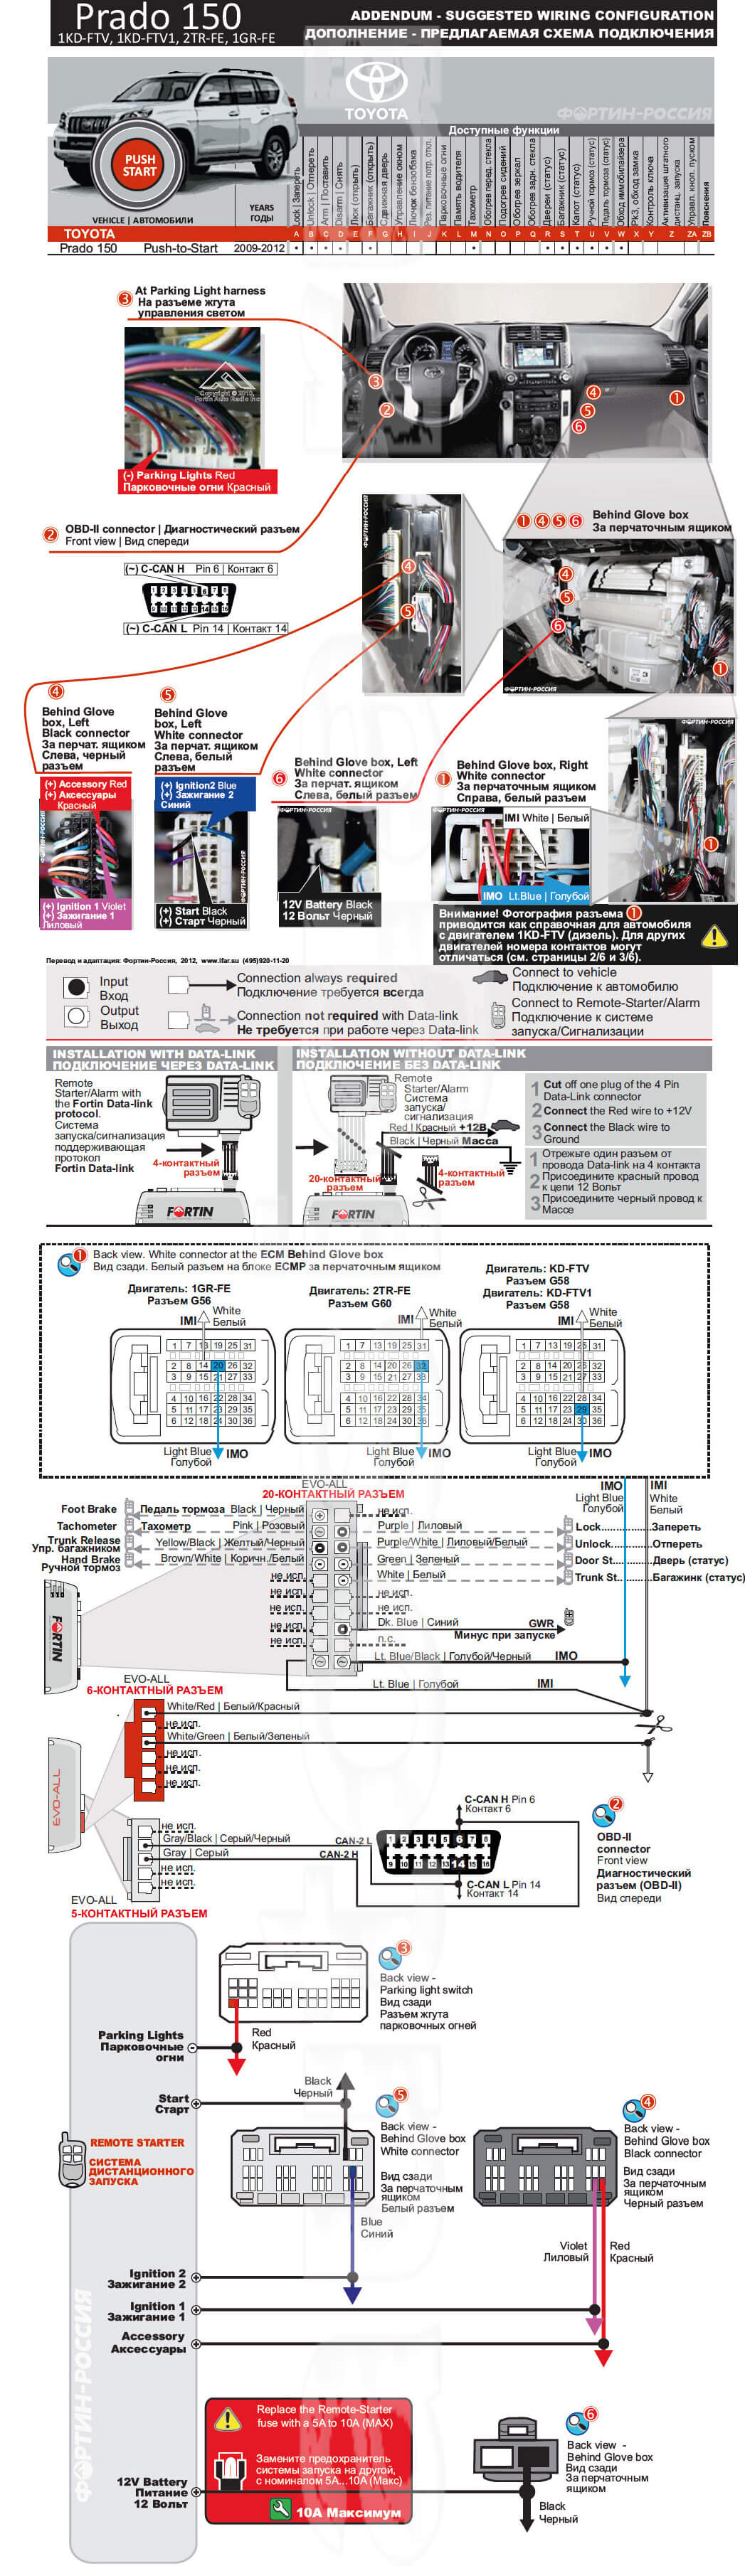 Схема подключение сигнализации на прадо